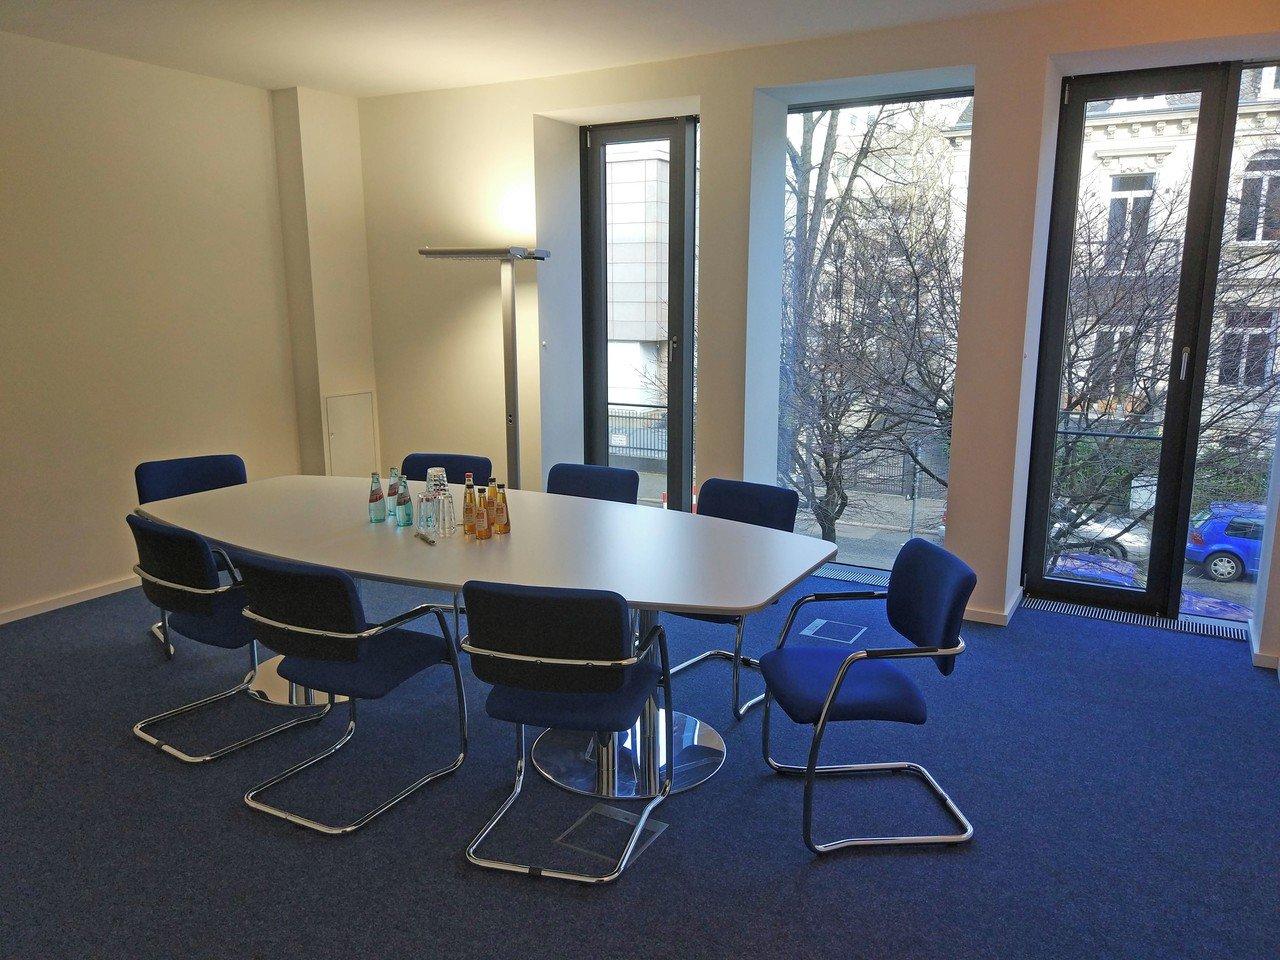 Frankfurt  Meeting room Puristischer Tagungsraum im Herzen des Frankfurter Westends image 1